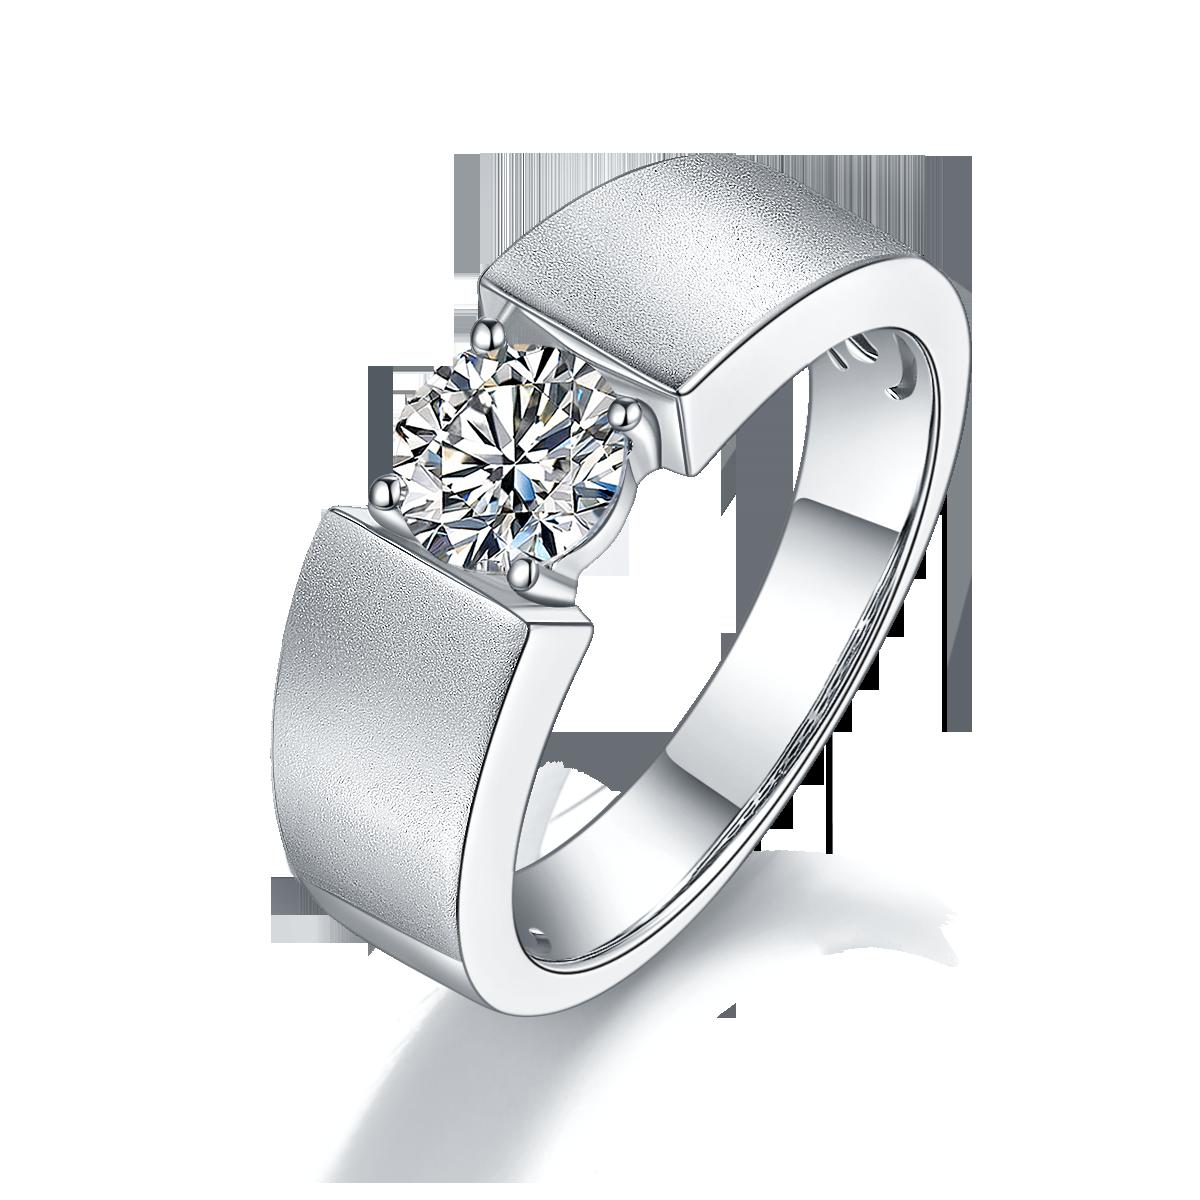 GEM'S الباليه 6.5 مللي متر الجولة الحقيقي مويسانيتي العتيقة 925 فضة خاتم سوليتير الذكور خاتم للرجل الزفاف غرامة مجوهرات